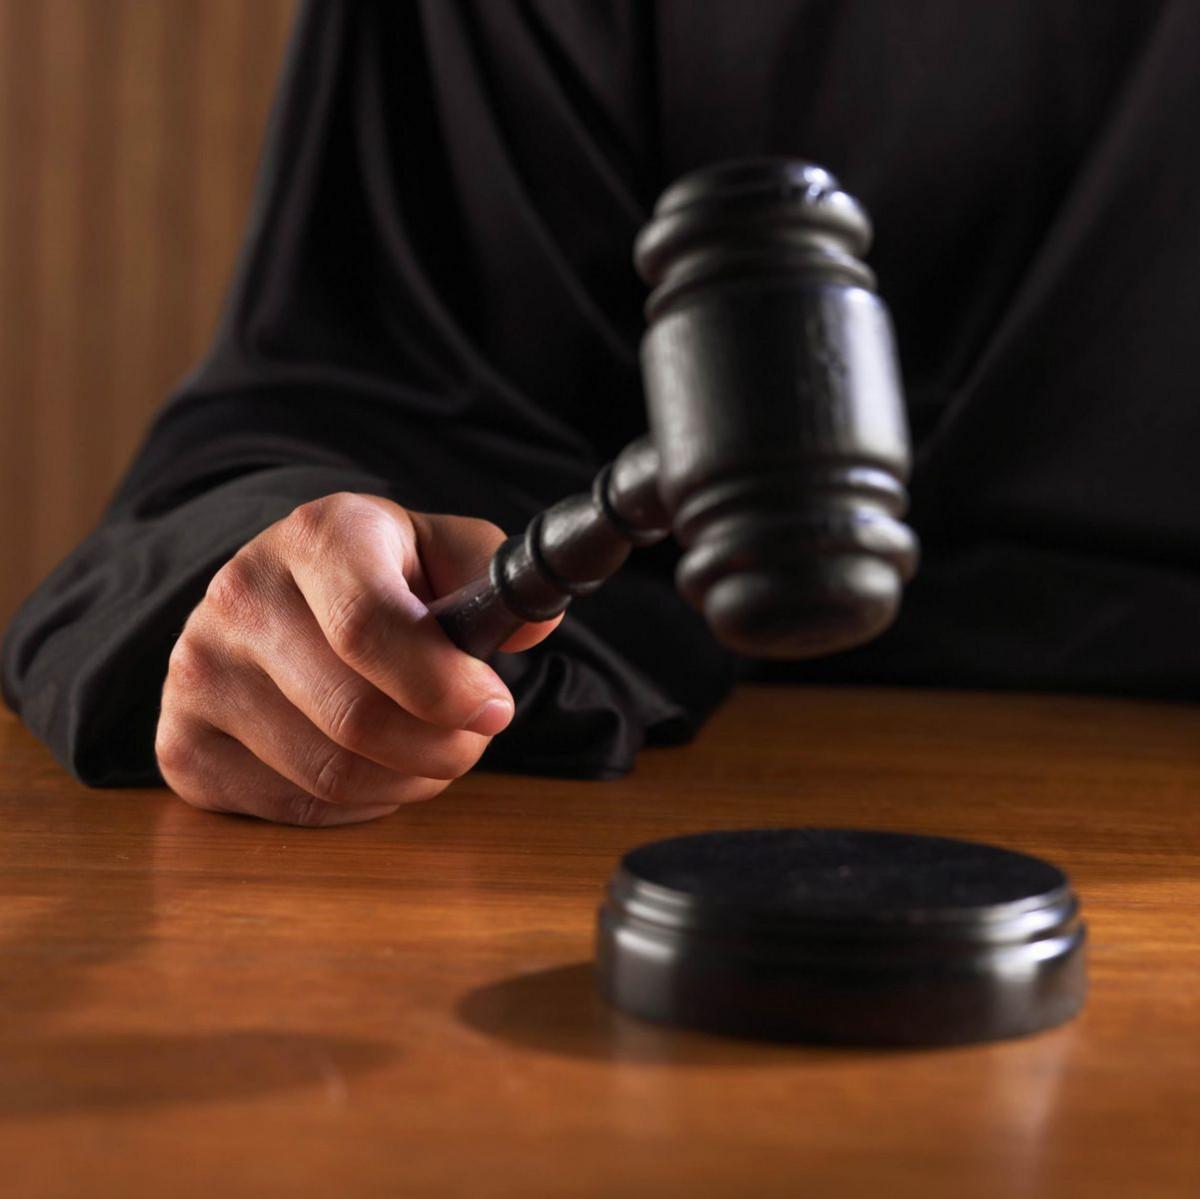 Суд вынес приговор жительнице Кузбасса, которая похитила младенца из роддома